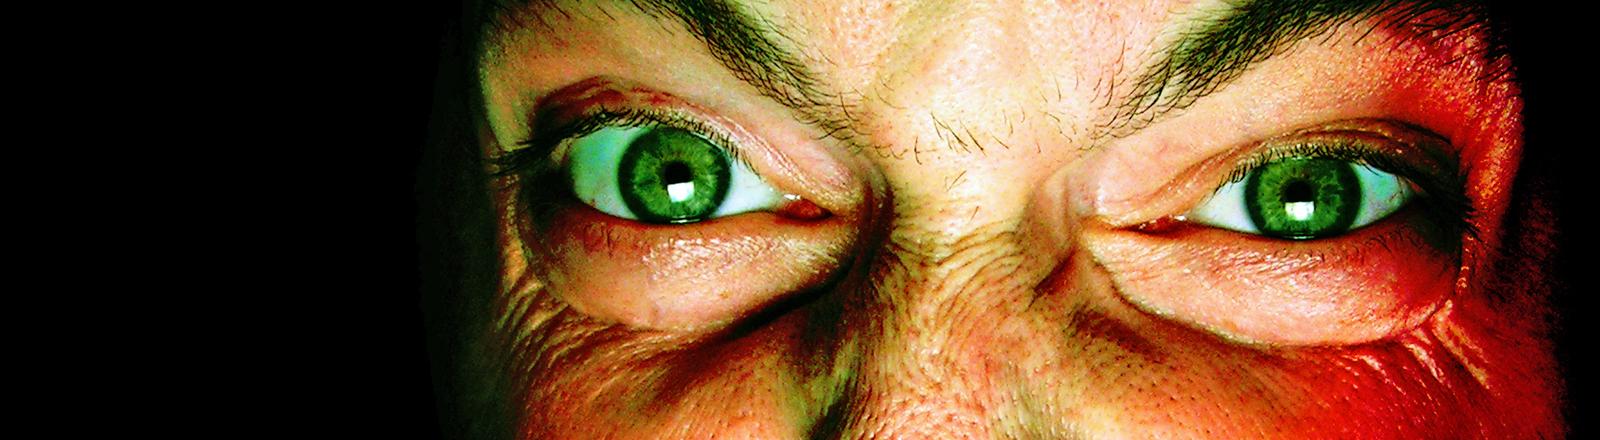 Ein Mann start mit vor Wut verkniffenen Augen in die Kamera.